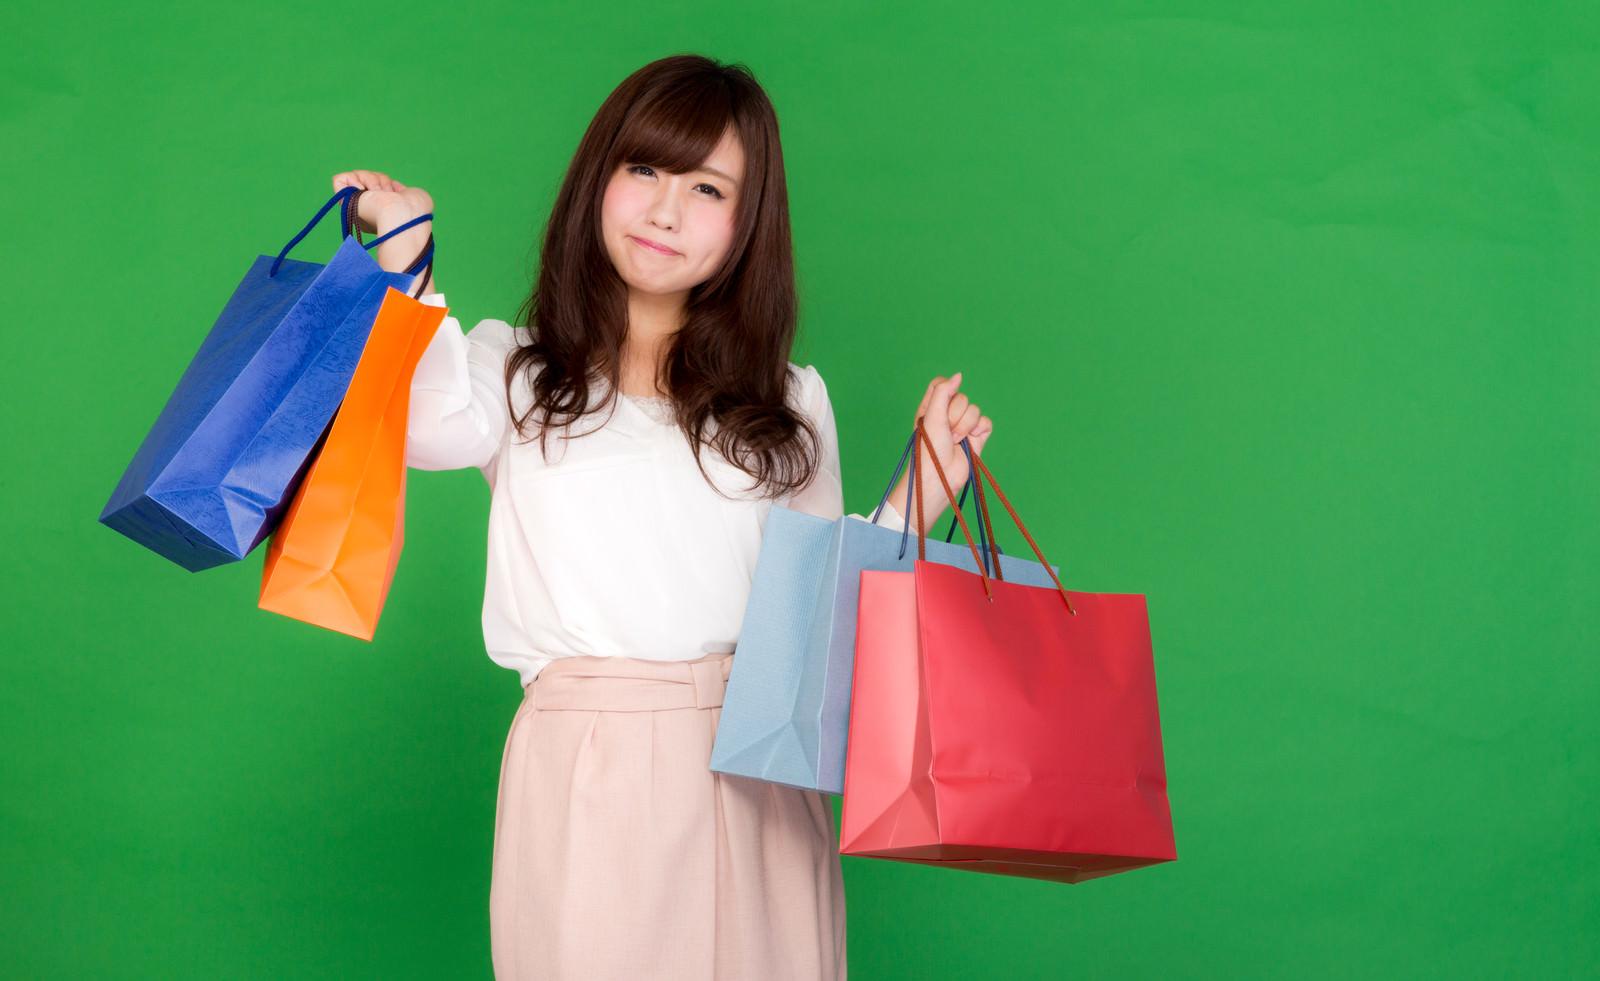 「買い物しすぎて困り顔の女性買い物しすぎて困り顔の女性」[モデル:河村友歌]のフリー写真素材を拡大